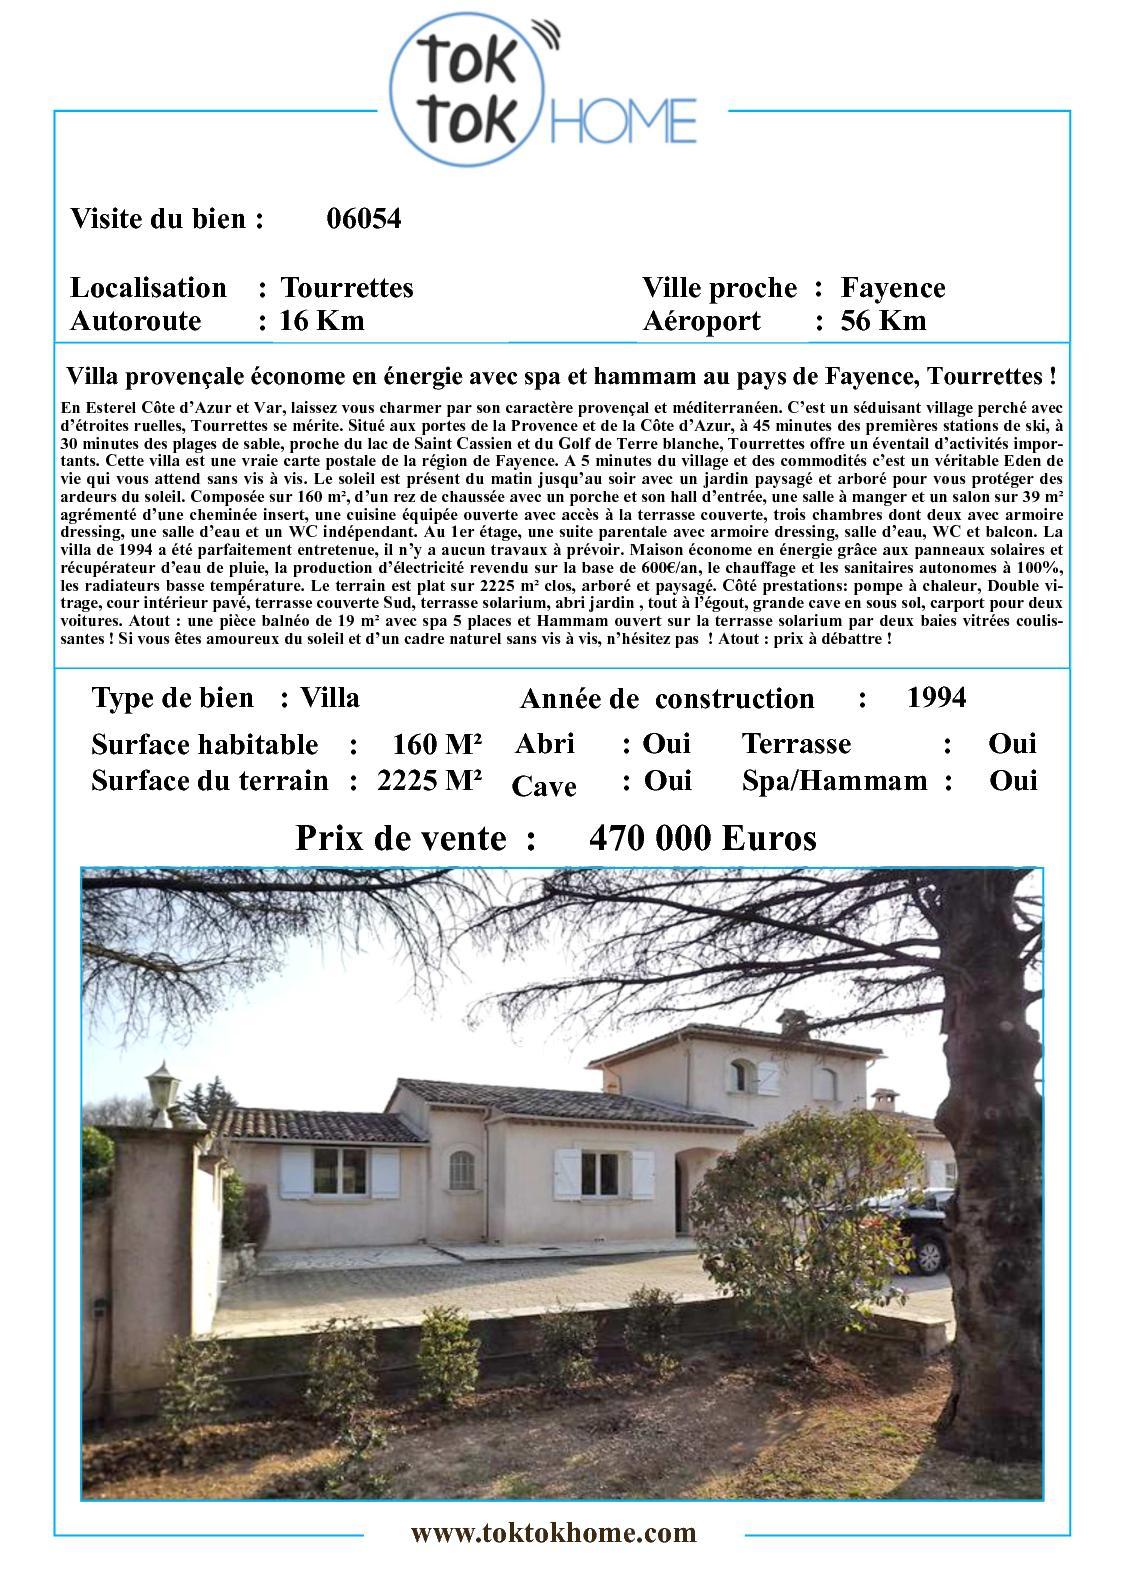 Calaméo 06054 Villa Provençale économe En énergie Avec Spa